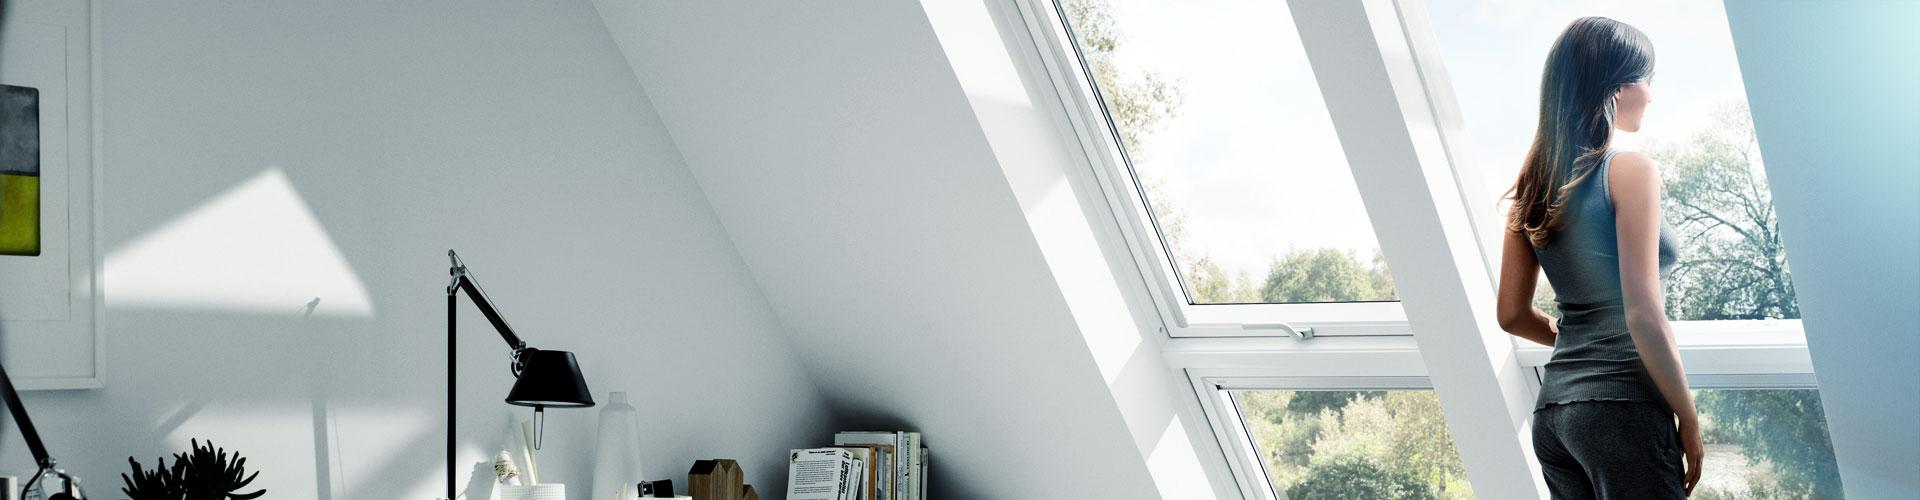 Frau schaut aus Dachliegefenster - windooro.de